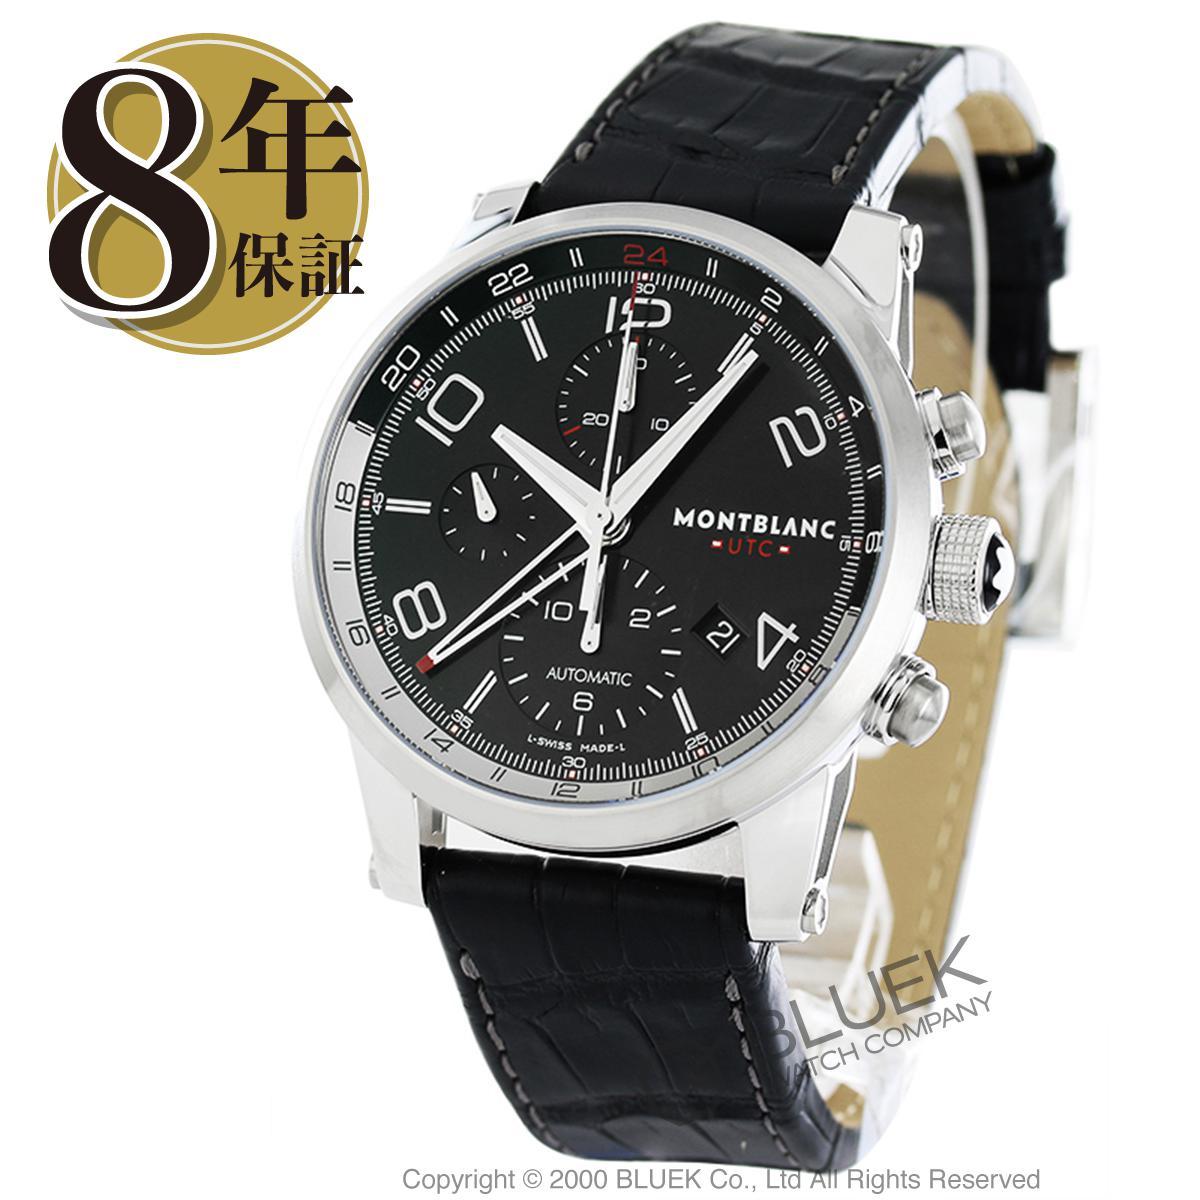 モンブラン タイムウォーカー ボイジャー UTC クロノグラフ アリゲーターレザー 腕時計 メンズ MONTBLANC 107336_8 バーゲン 成人祝い ギフト プレゼント